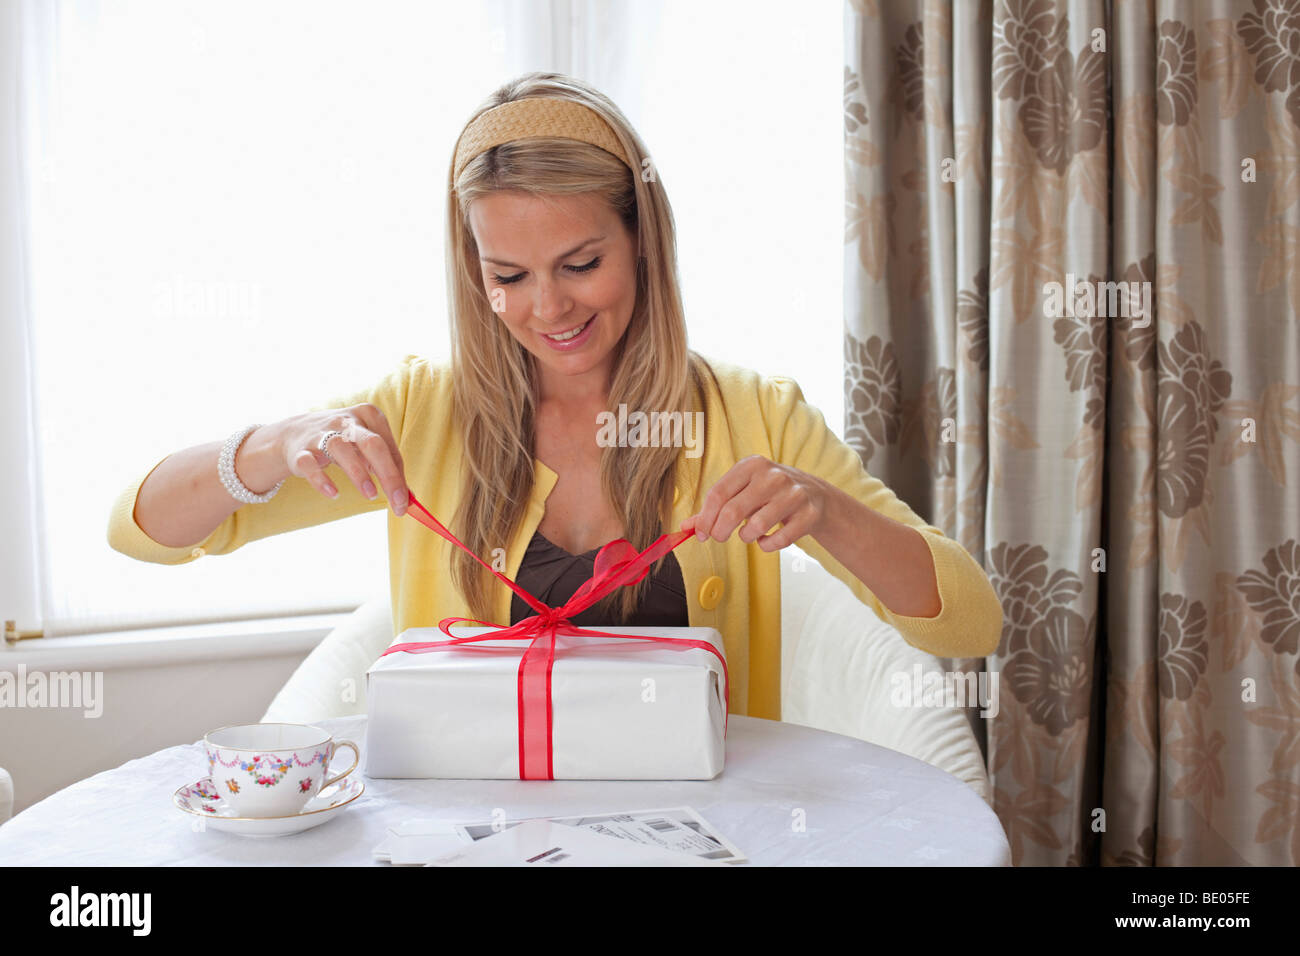 Hübsche Frau mit Geburtstagsgeschenk Stockbild